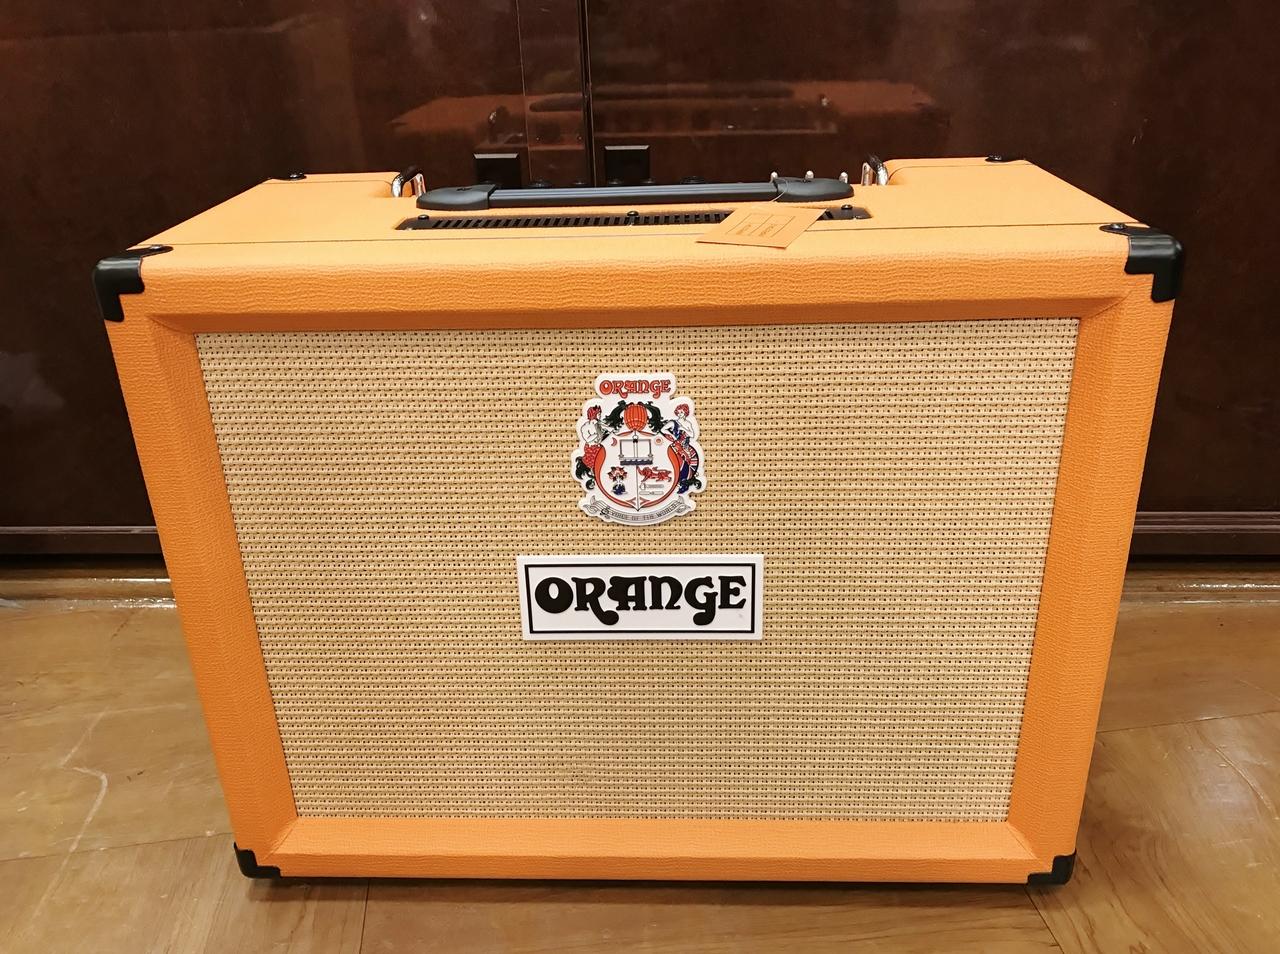 ORANGE Rocker 32 Outlet Specials]